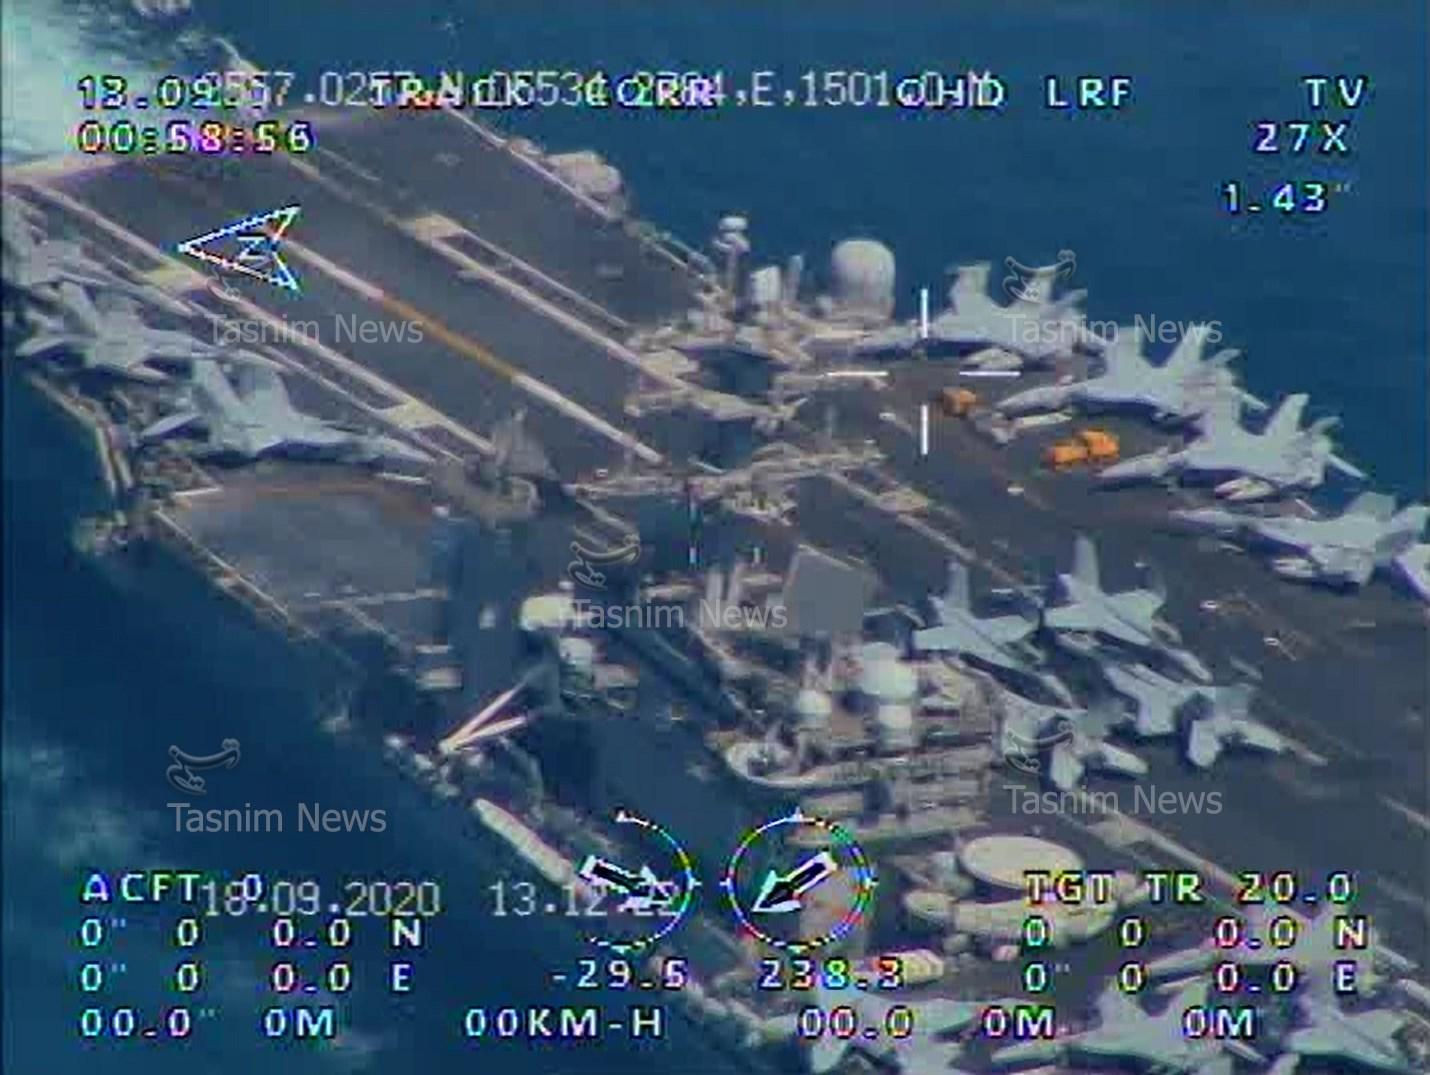 画面高清!伊朗用国产无人机拍下美军航母(图) 第3张